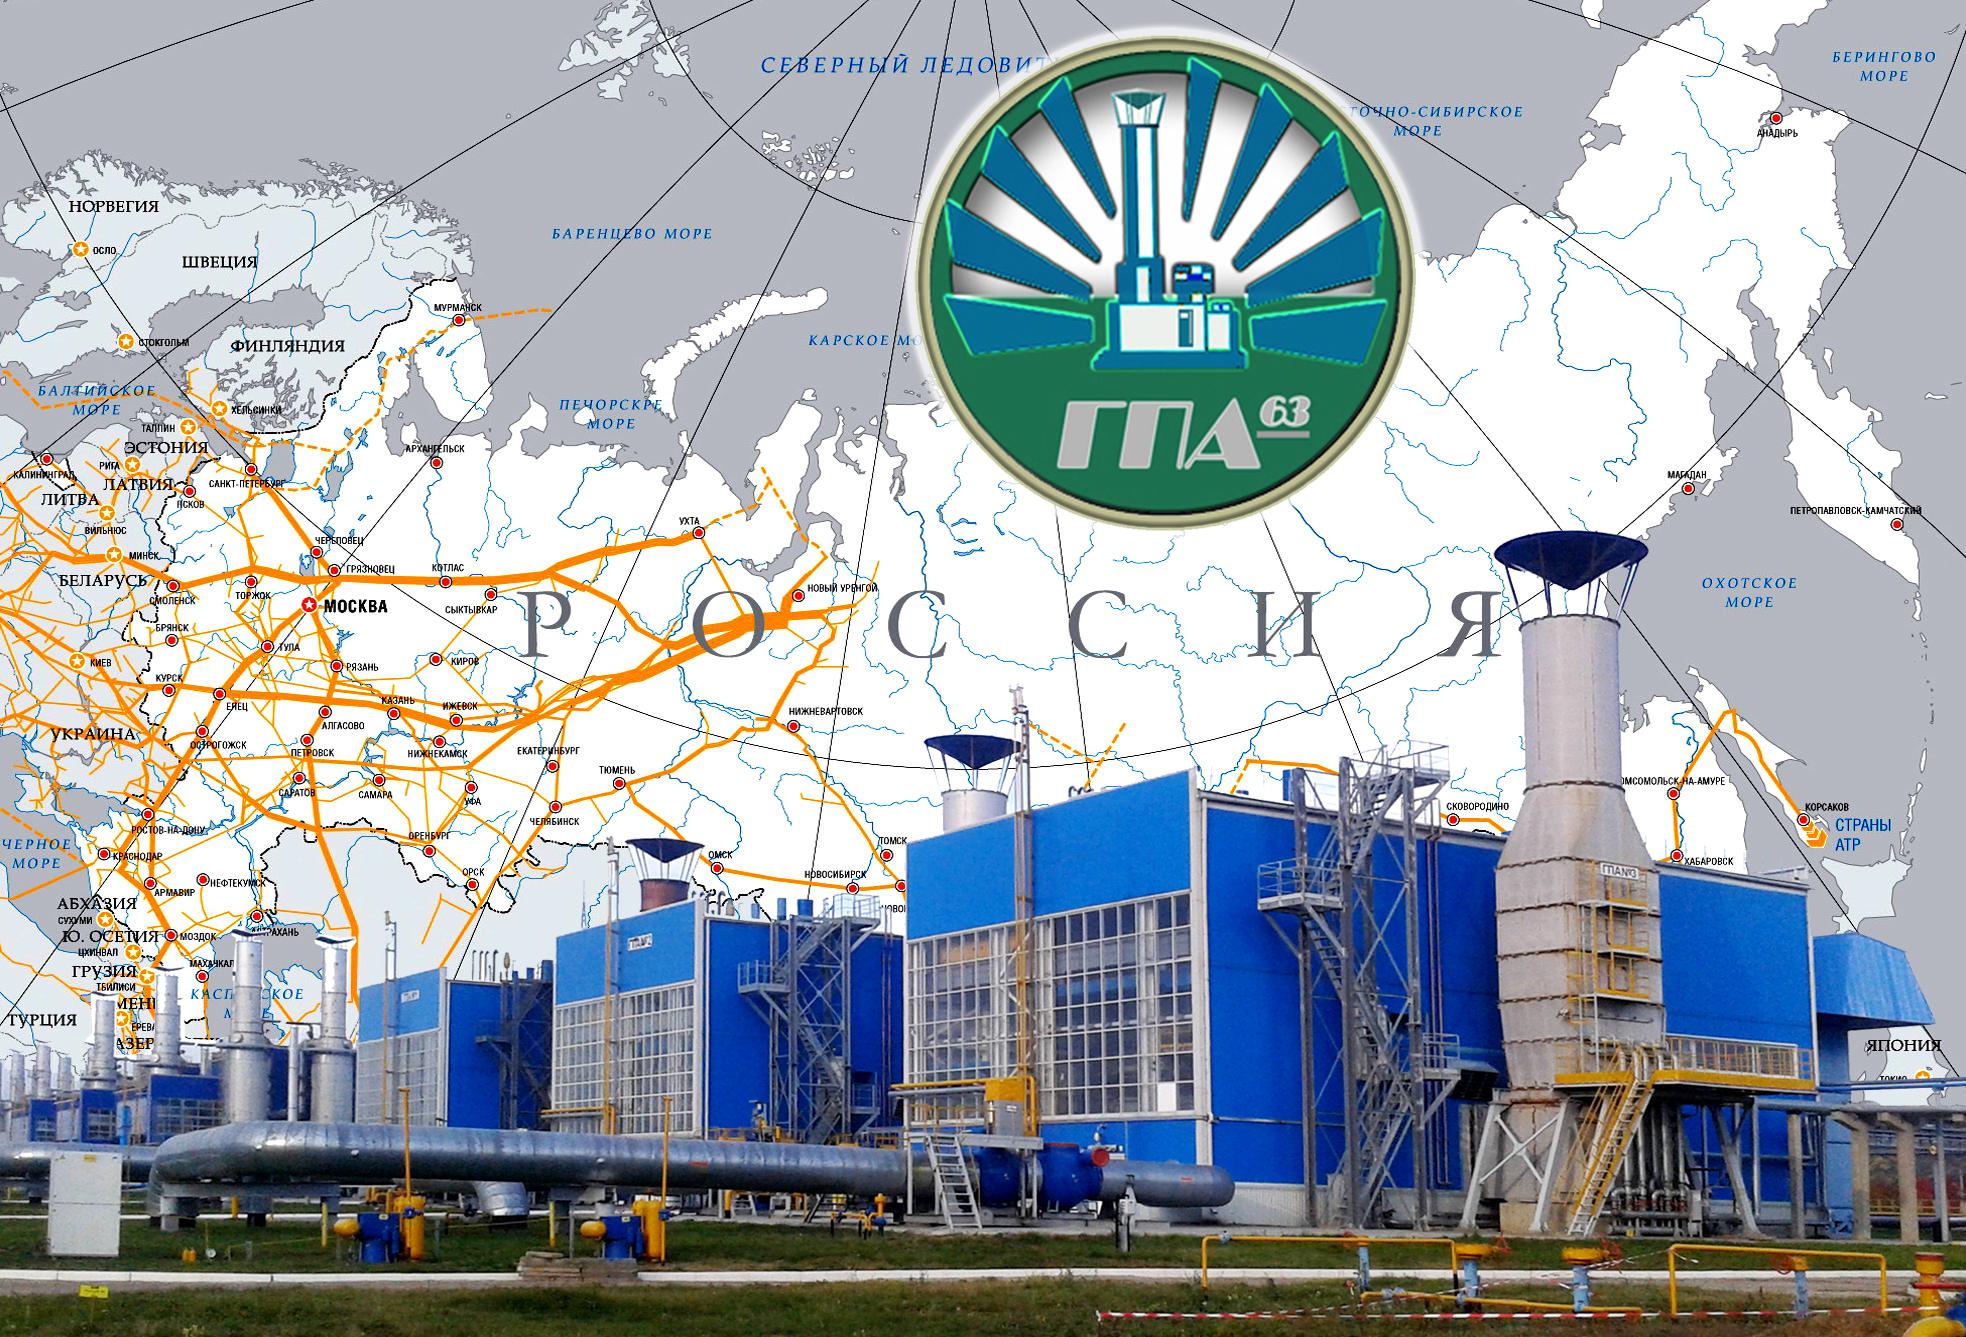 Газпром, Компрессорные станции, ГПА, ГПА-63, Газоперекачивающие агрегаты ГПА-63